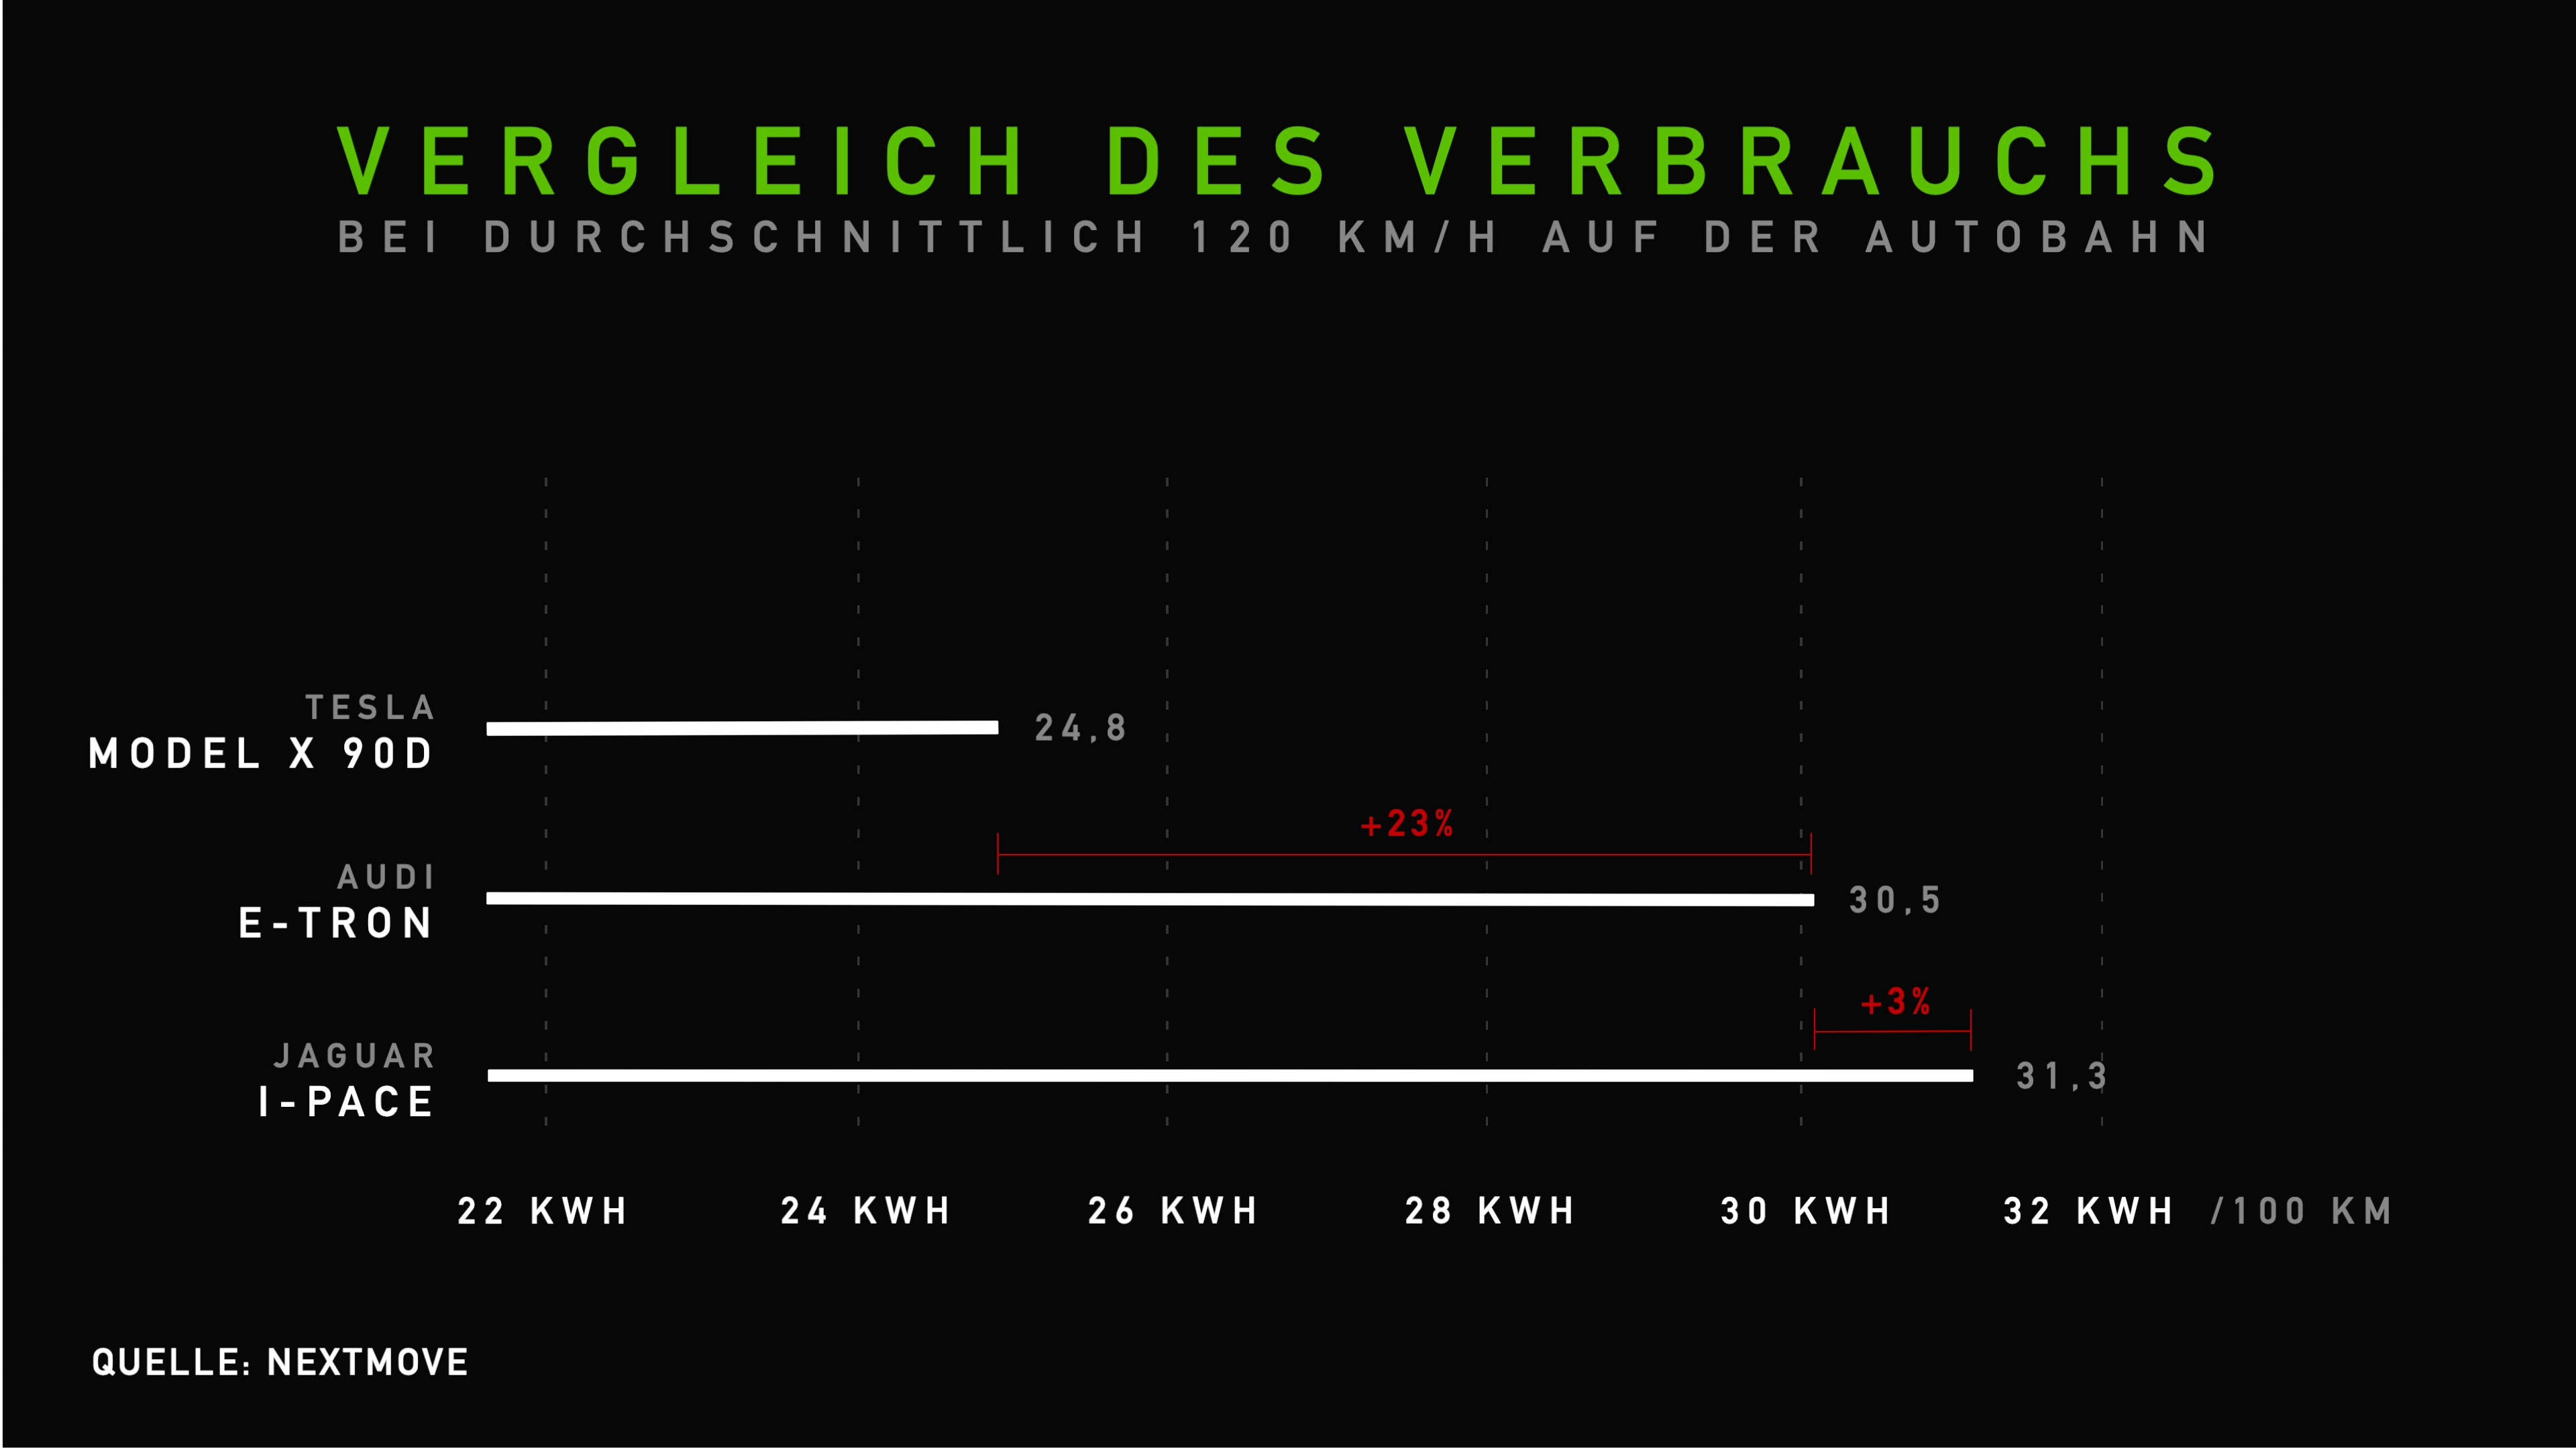 Vergleich des Verbrauchs Audi e-tron, Jaguar i-Pace, Tesla Model X